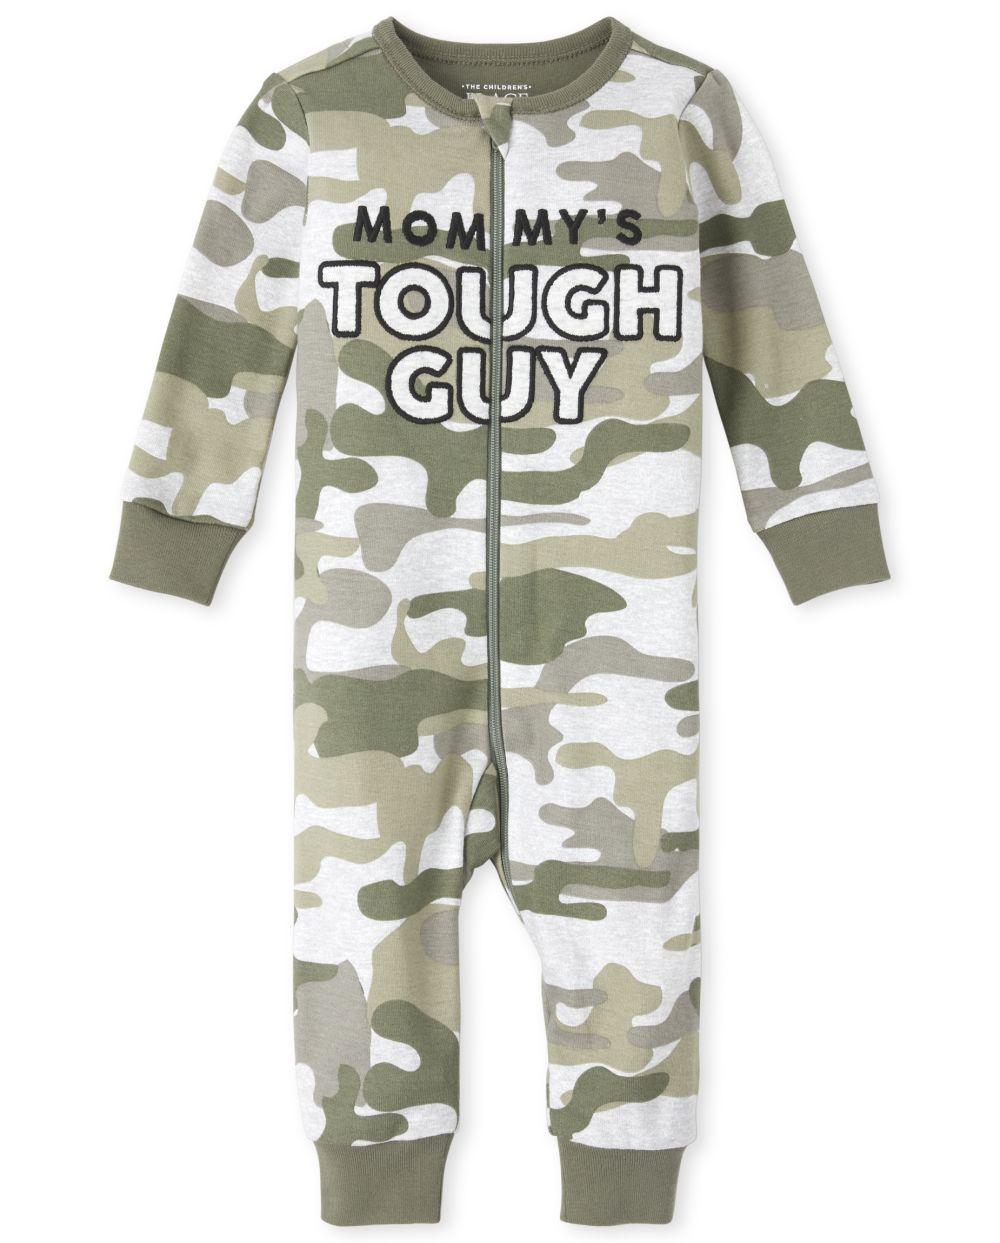 Pijama de una pieza de algodón con diseño de camuflaje bordado de mamá y niño pequeño